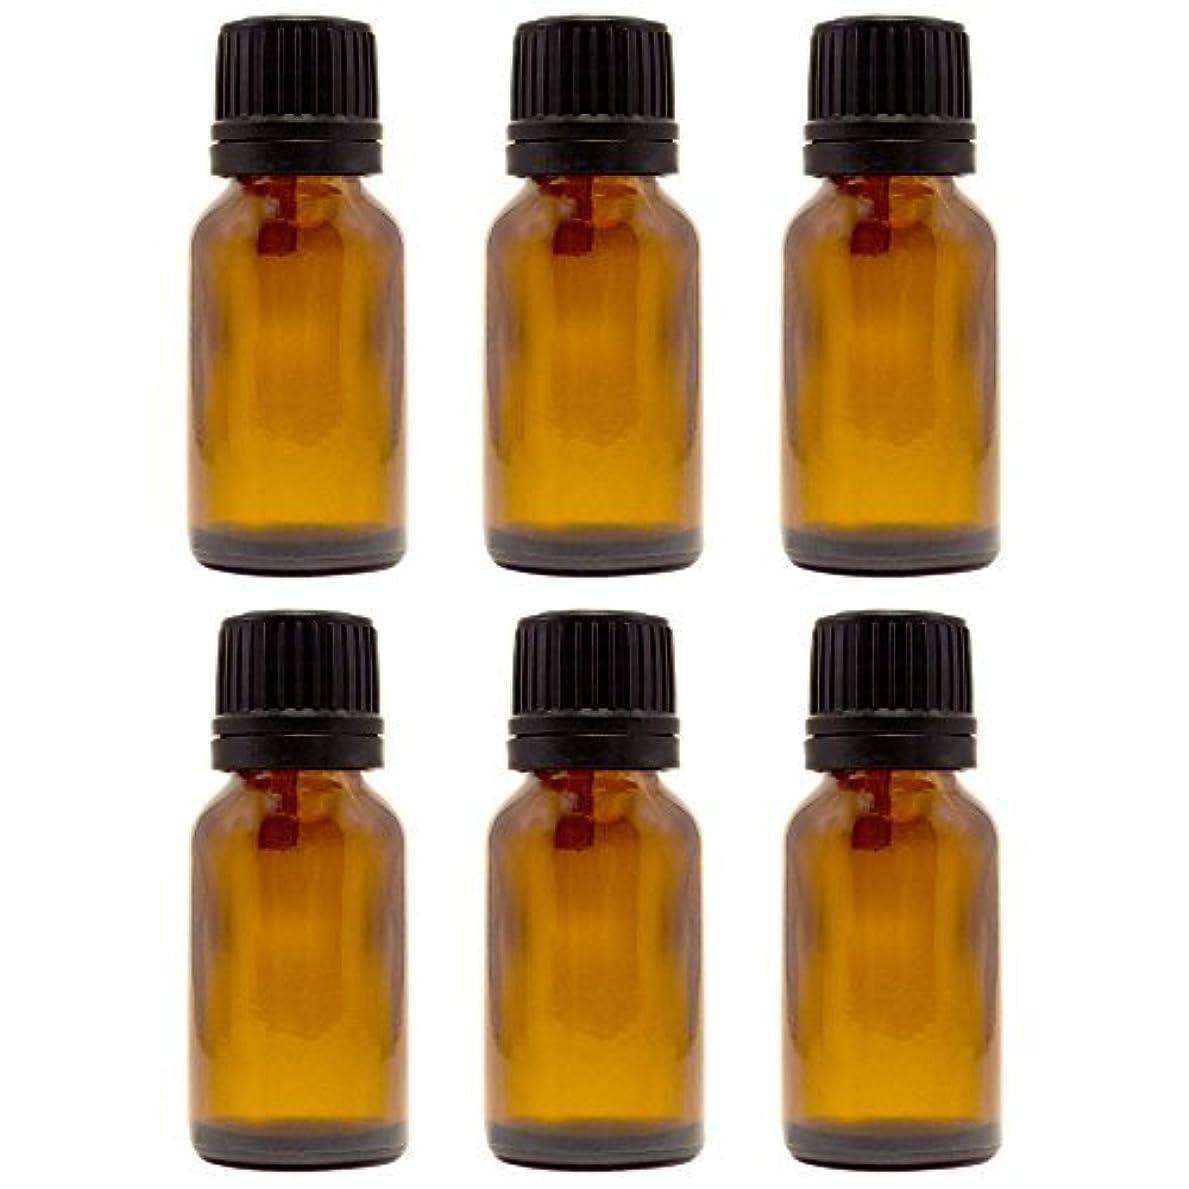 前置詞約束する縮約15 ml (1/2 fl oz) Amber Glass Bottle with Euro Dropper (6 Pack) [並行輸入品]